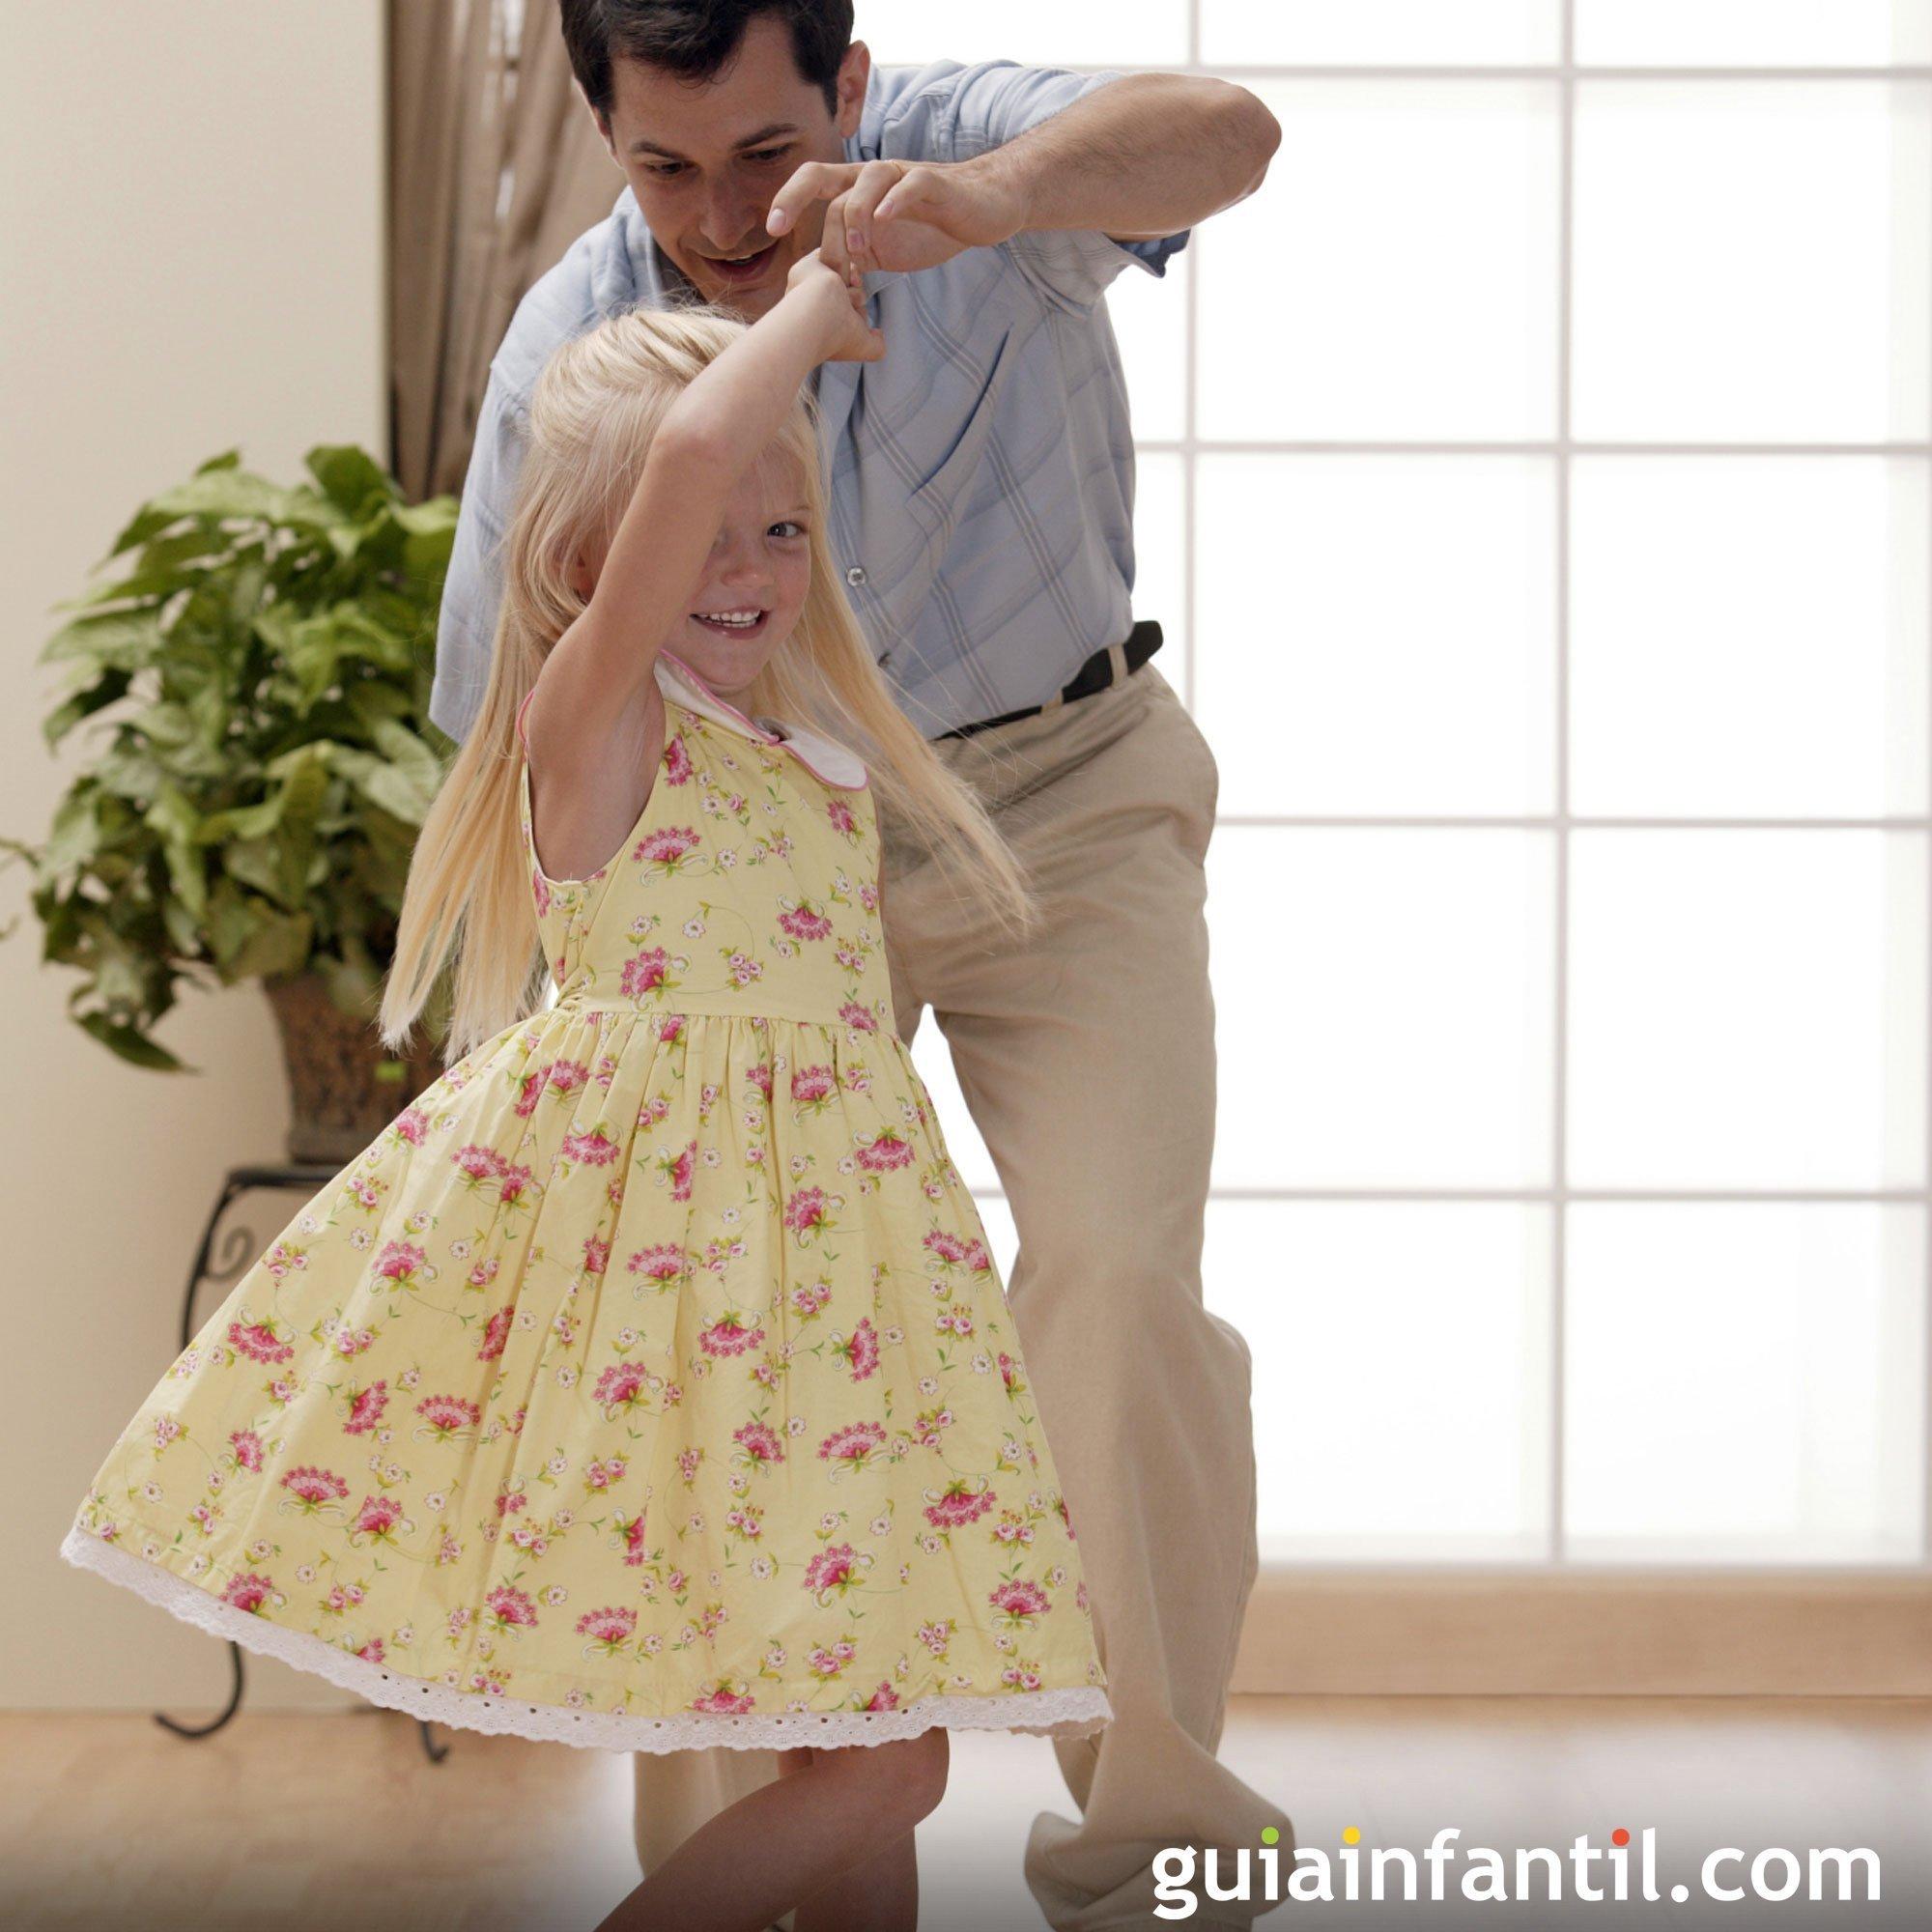 Jugar a bailar con papá